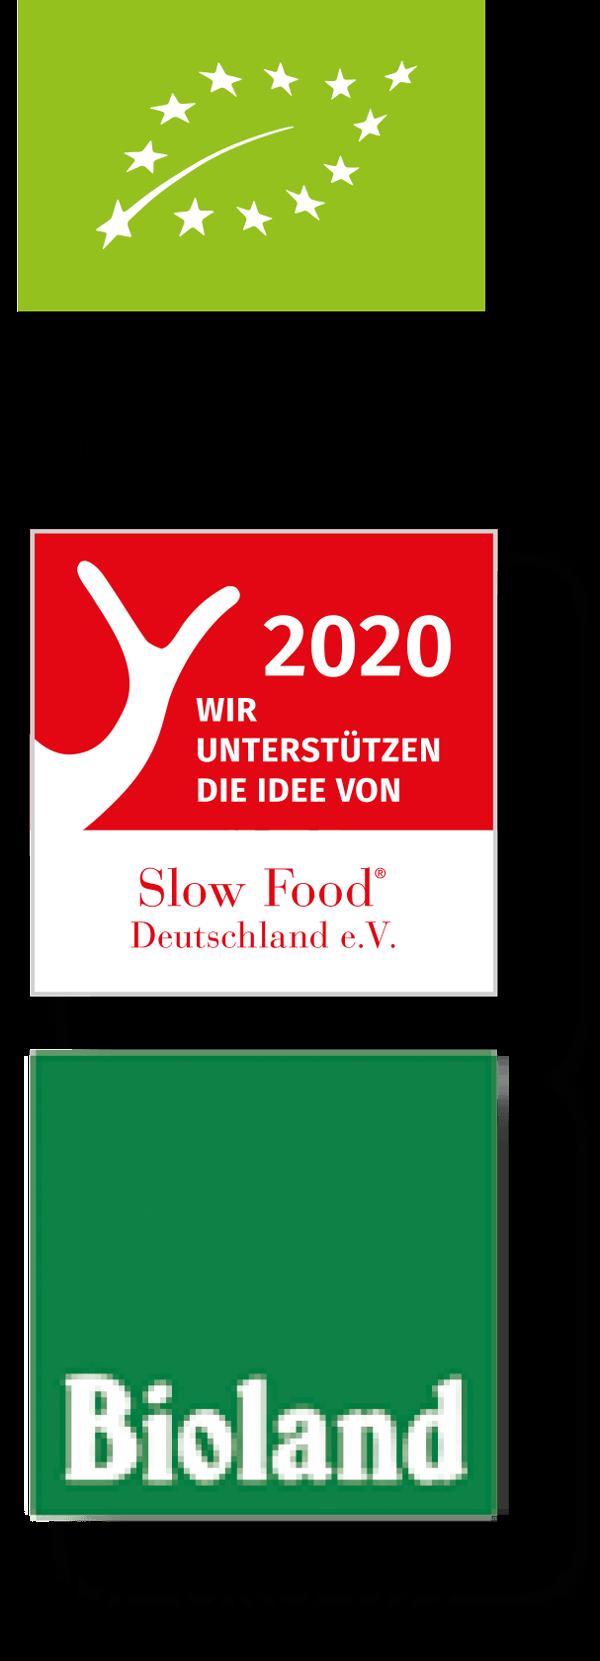 DE-ÖKO-022 Deutsche Landwirtschaft – Slow Food 2020 – Bioland DE-ÖKO-022